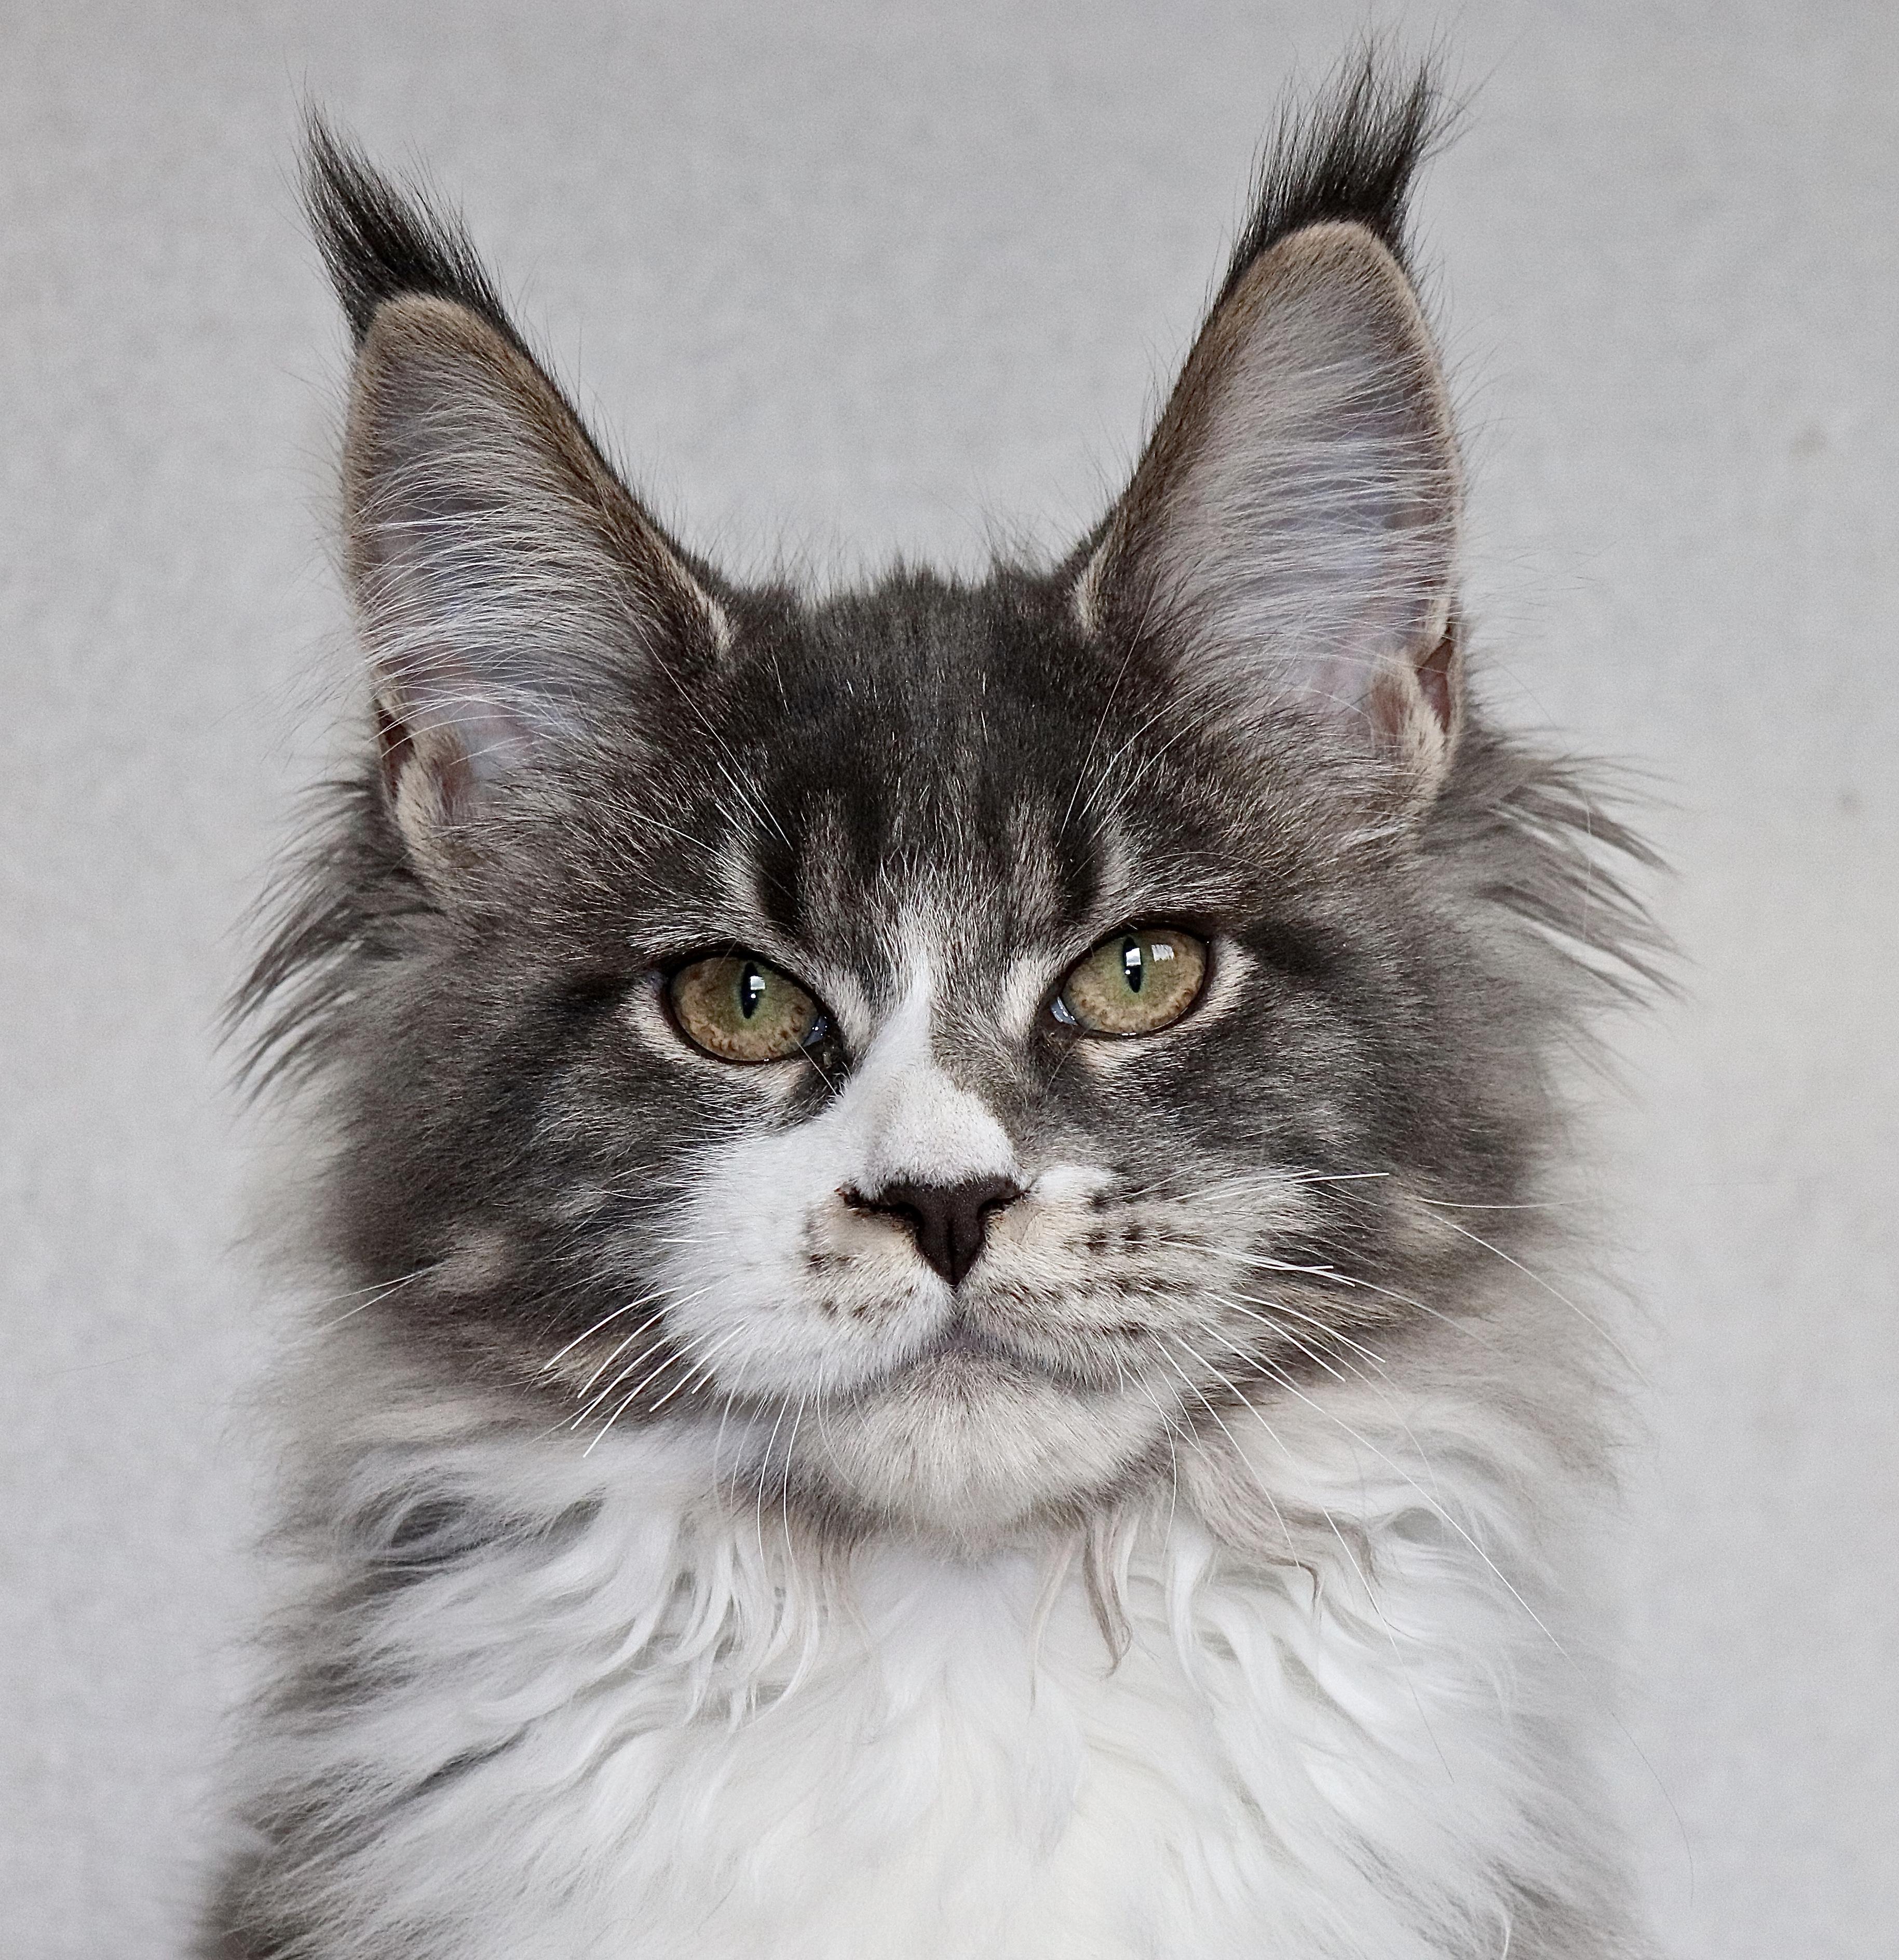 fotka kočky Johanka von Erillian,CZ